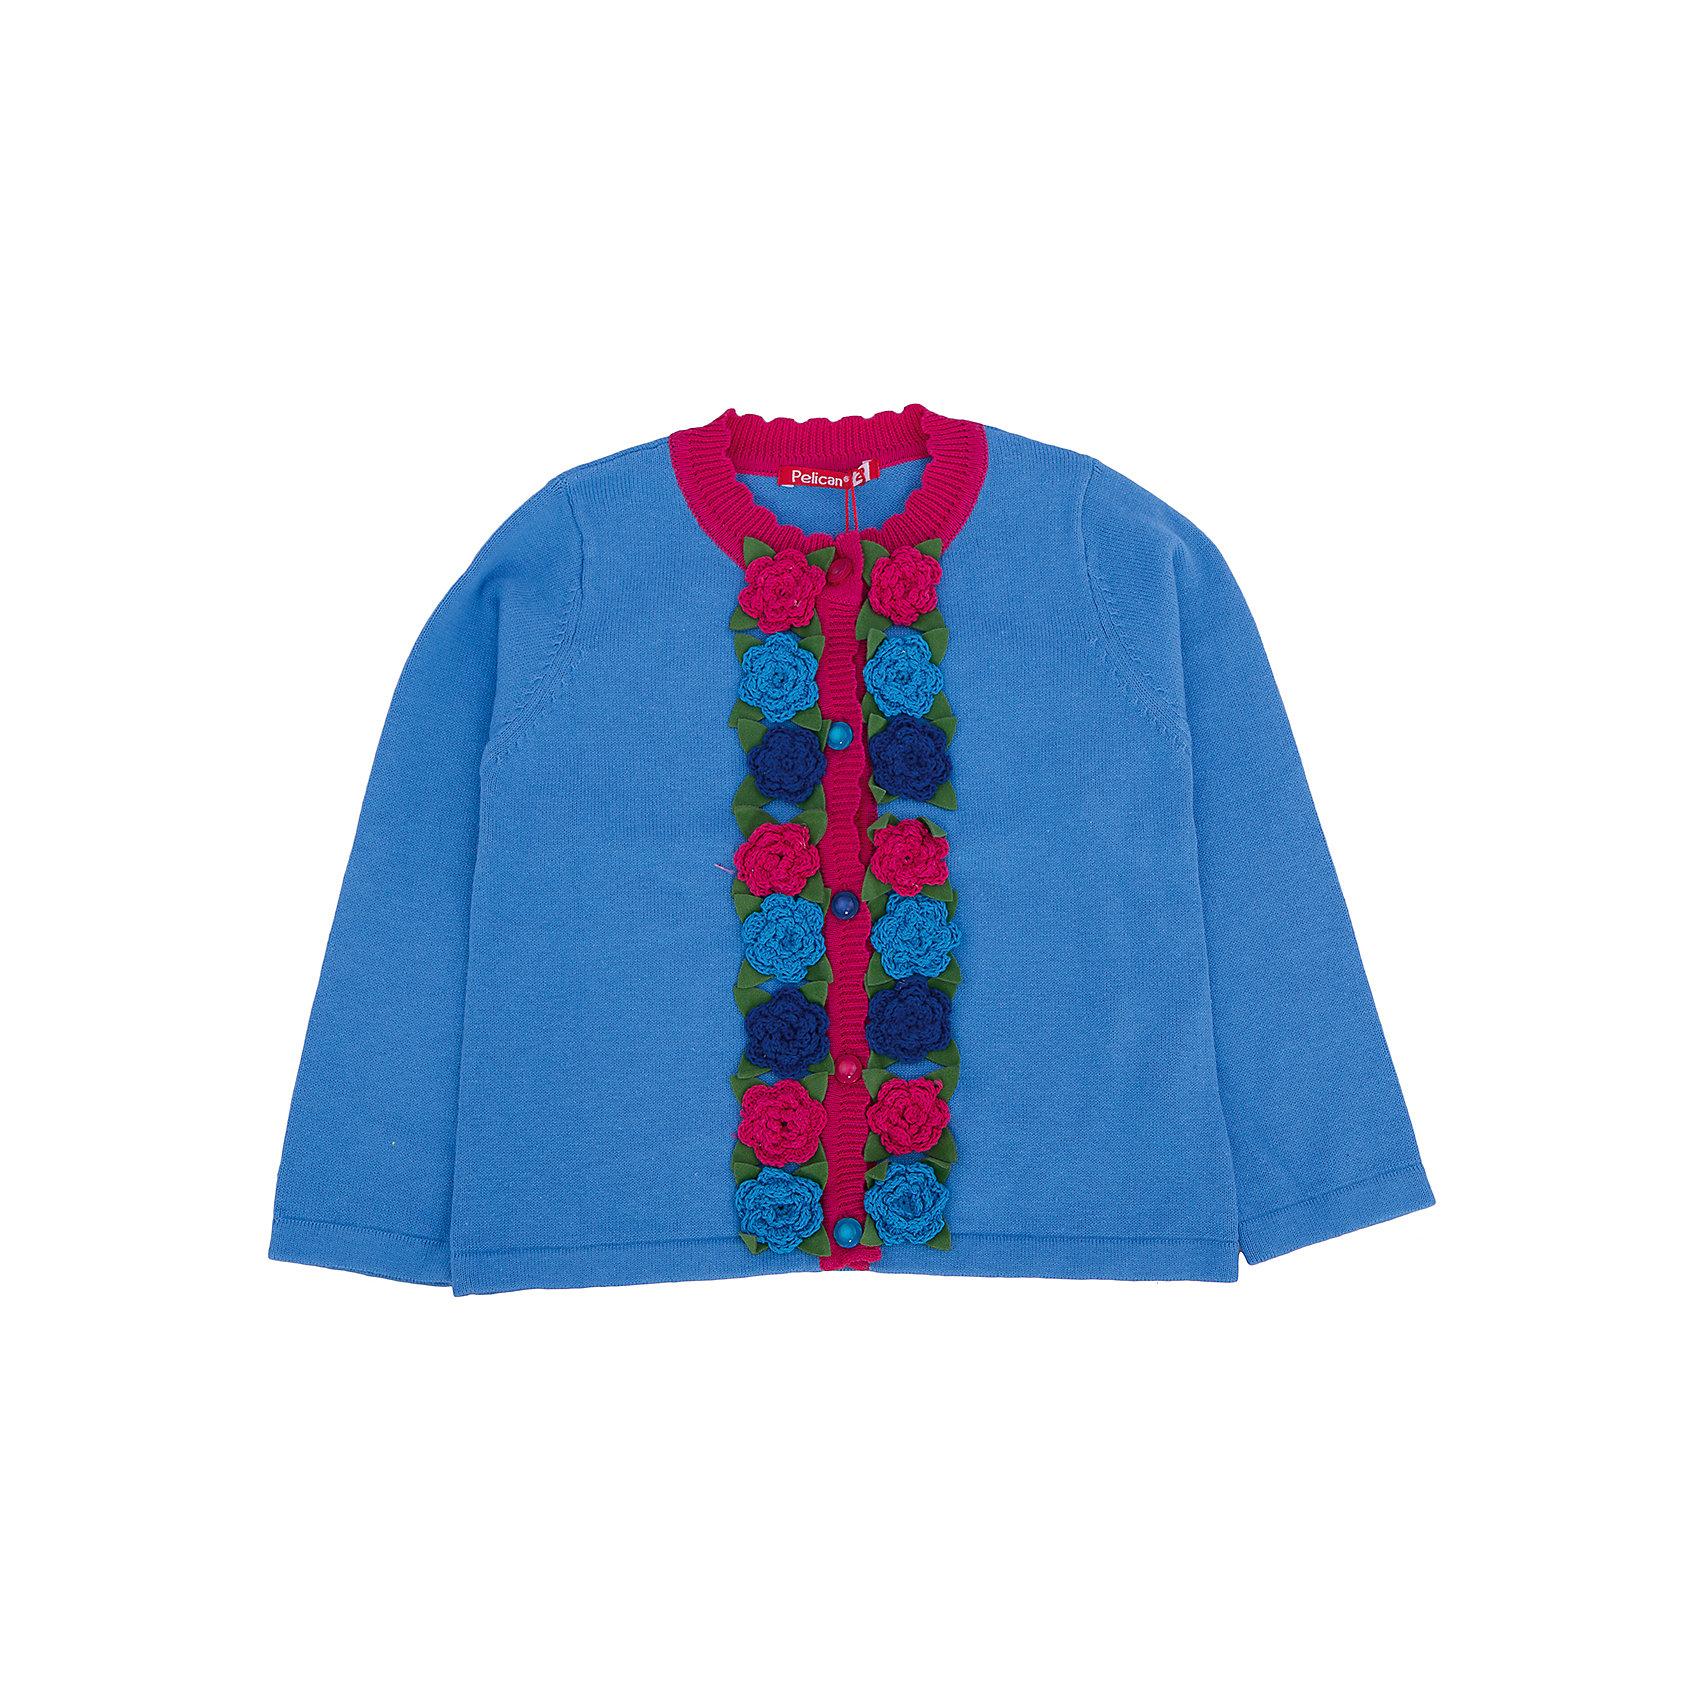 Кардиган для девочки PELICANТолстовки, свитера, кардиганы<br>Удобный и стильный кардиган с длинным рукавом для девочки поможет разнообразить гардероб ребенка, создать подходящий ситуации и погоде образ. Удобный крой и качественный материал обеспечат ребенку комфорт при ношении этих вещей. <br>Кардиган очень стильно смотрится благодаря актуальному дизайну. Изделие украшено вязаными цветами вдоль линии пуговиц и контрастным воротом, рукава длинные. Пряжа, из которой связано изделие, отлично подходит для детской одежды, состоит из дышащего натурального хлопка. Очень приятна на ощупь, не вызывает аллергии.<br><br>Дополнительная информация:<br><br>материал: 100% хлопок;<br>цвет: разноцветный;<br>декорирован вязаными цветами;<br>пуговицы.<br><br>Кардиган для девочки от бренда PELICAN (Пеликан) можно купить в нашем магазине.<br><br>Ширина мм: 190<br>Глубина мм: 74<br>Высота мм: 229<br>Вес г: 236<br>Цвет: голубой<br>Возраст от месяцев: 24<br>Возраст до месяцев: 36<br>Пол: Женский<br>Возраст: Детский<br>Размер: 98,92,110,104<br>SKU: 4805024